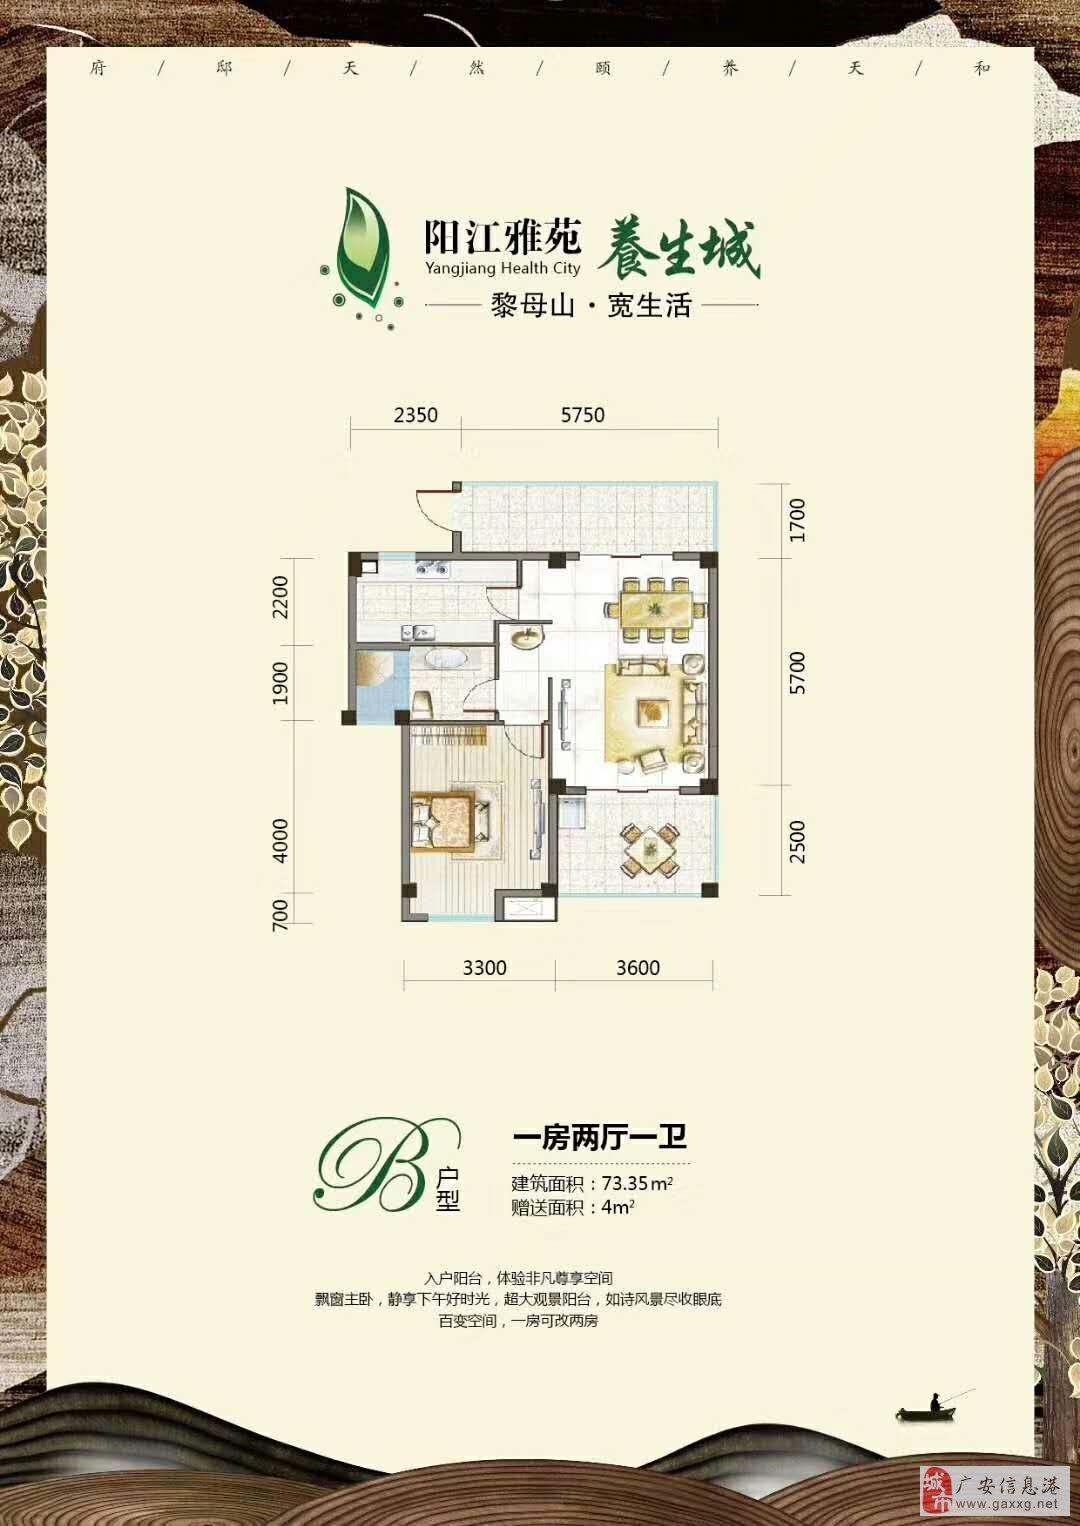 海南阳江雅苑1室1厅1卫30万元